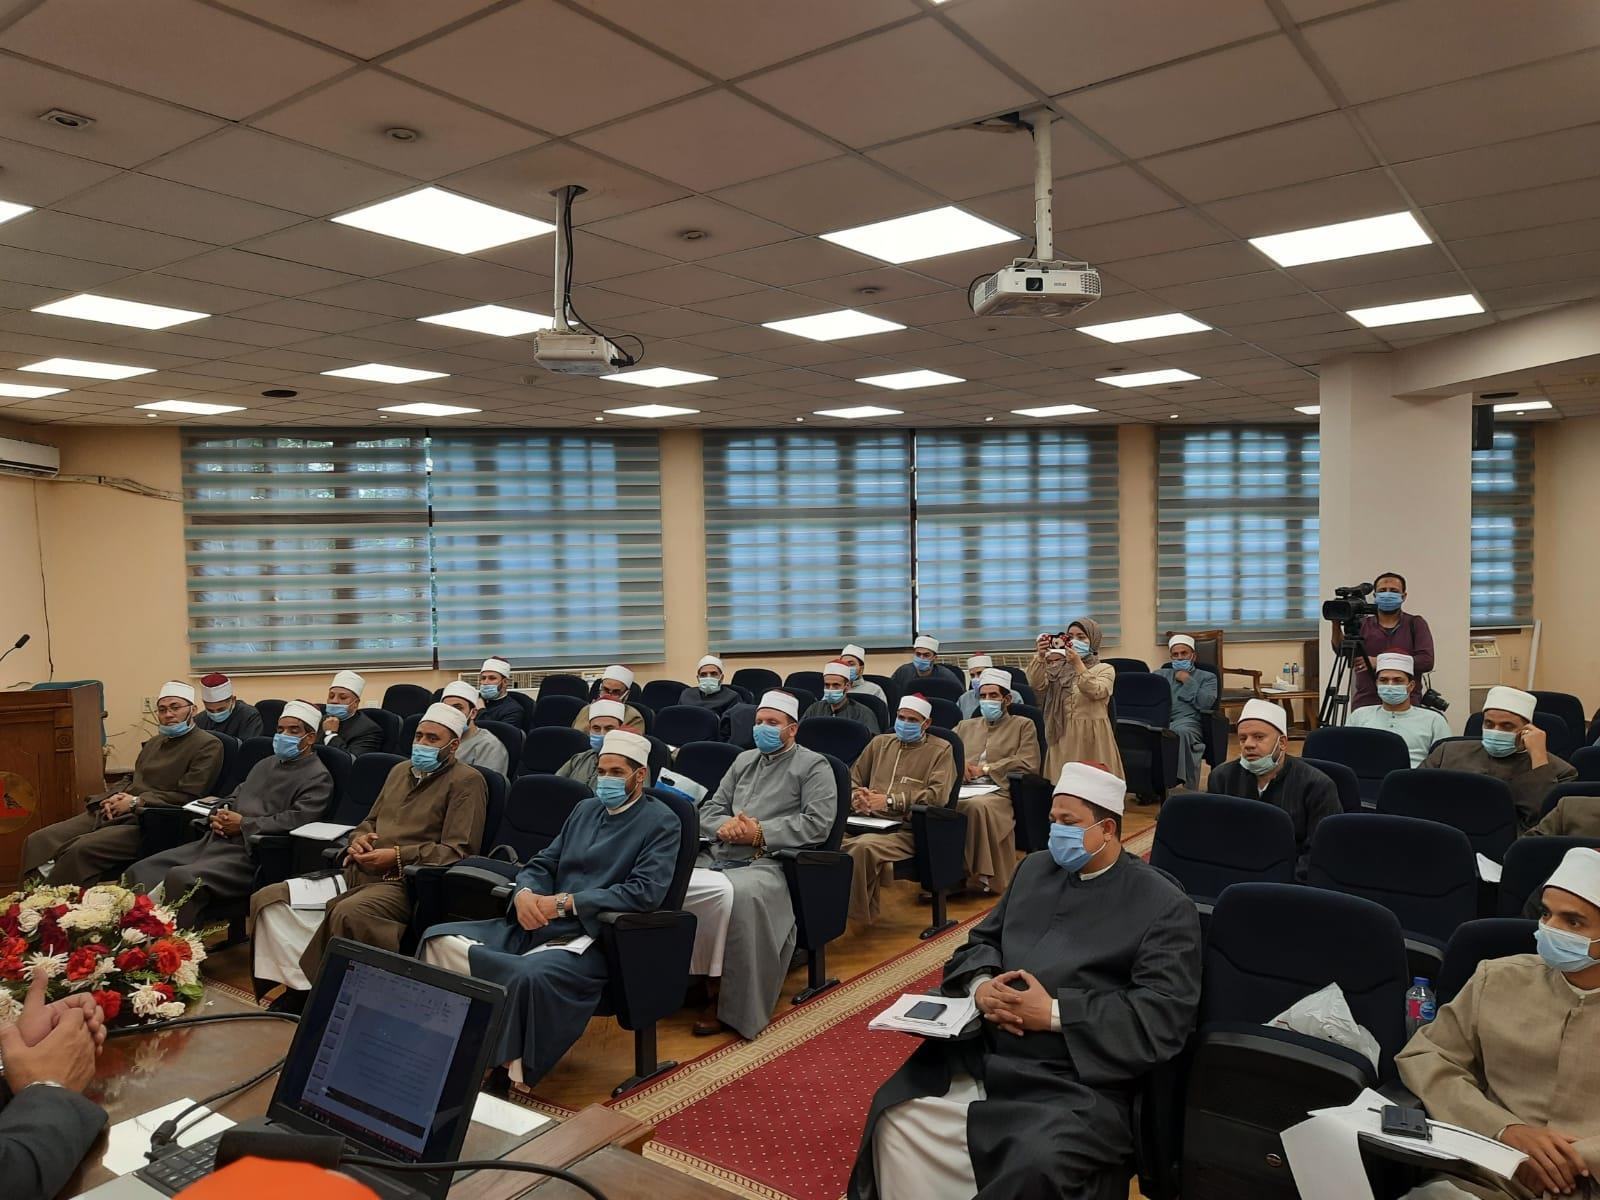 نائب رئيس جامعة عين شمس يشهد ثاني ايام دورة المهارات الإعلامية لأئمة الأوقاف بكلية الآداب